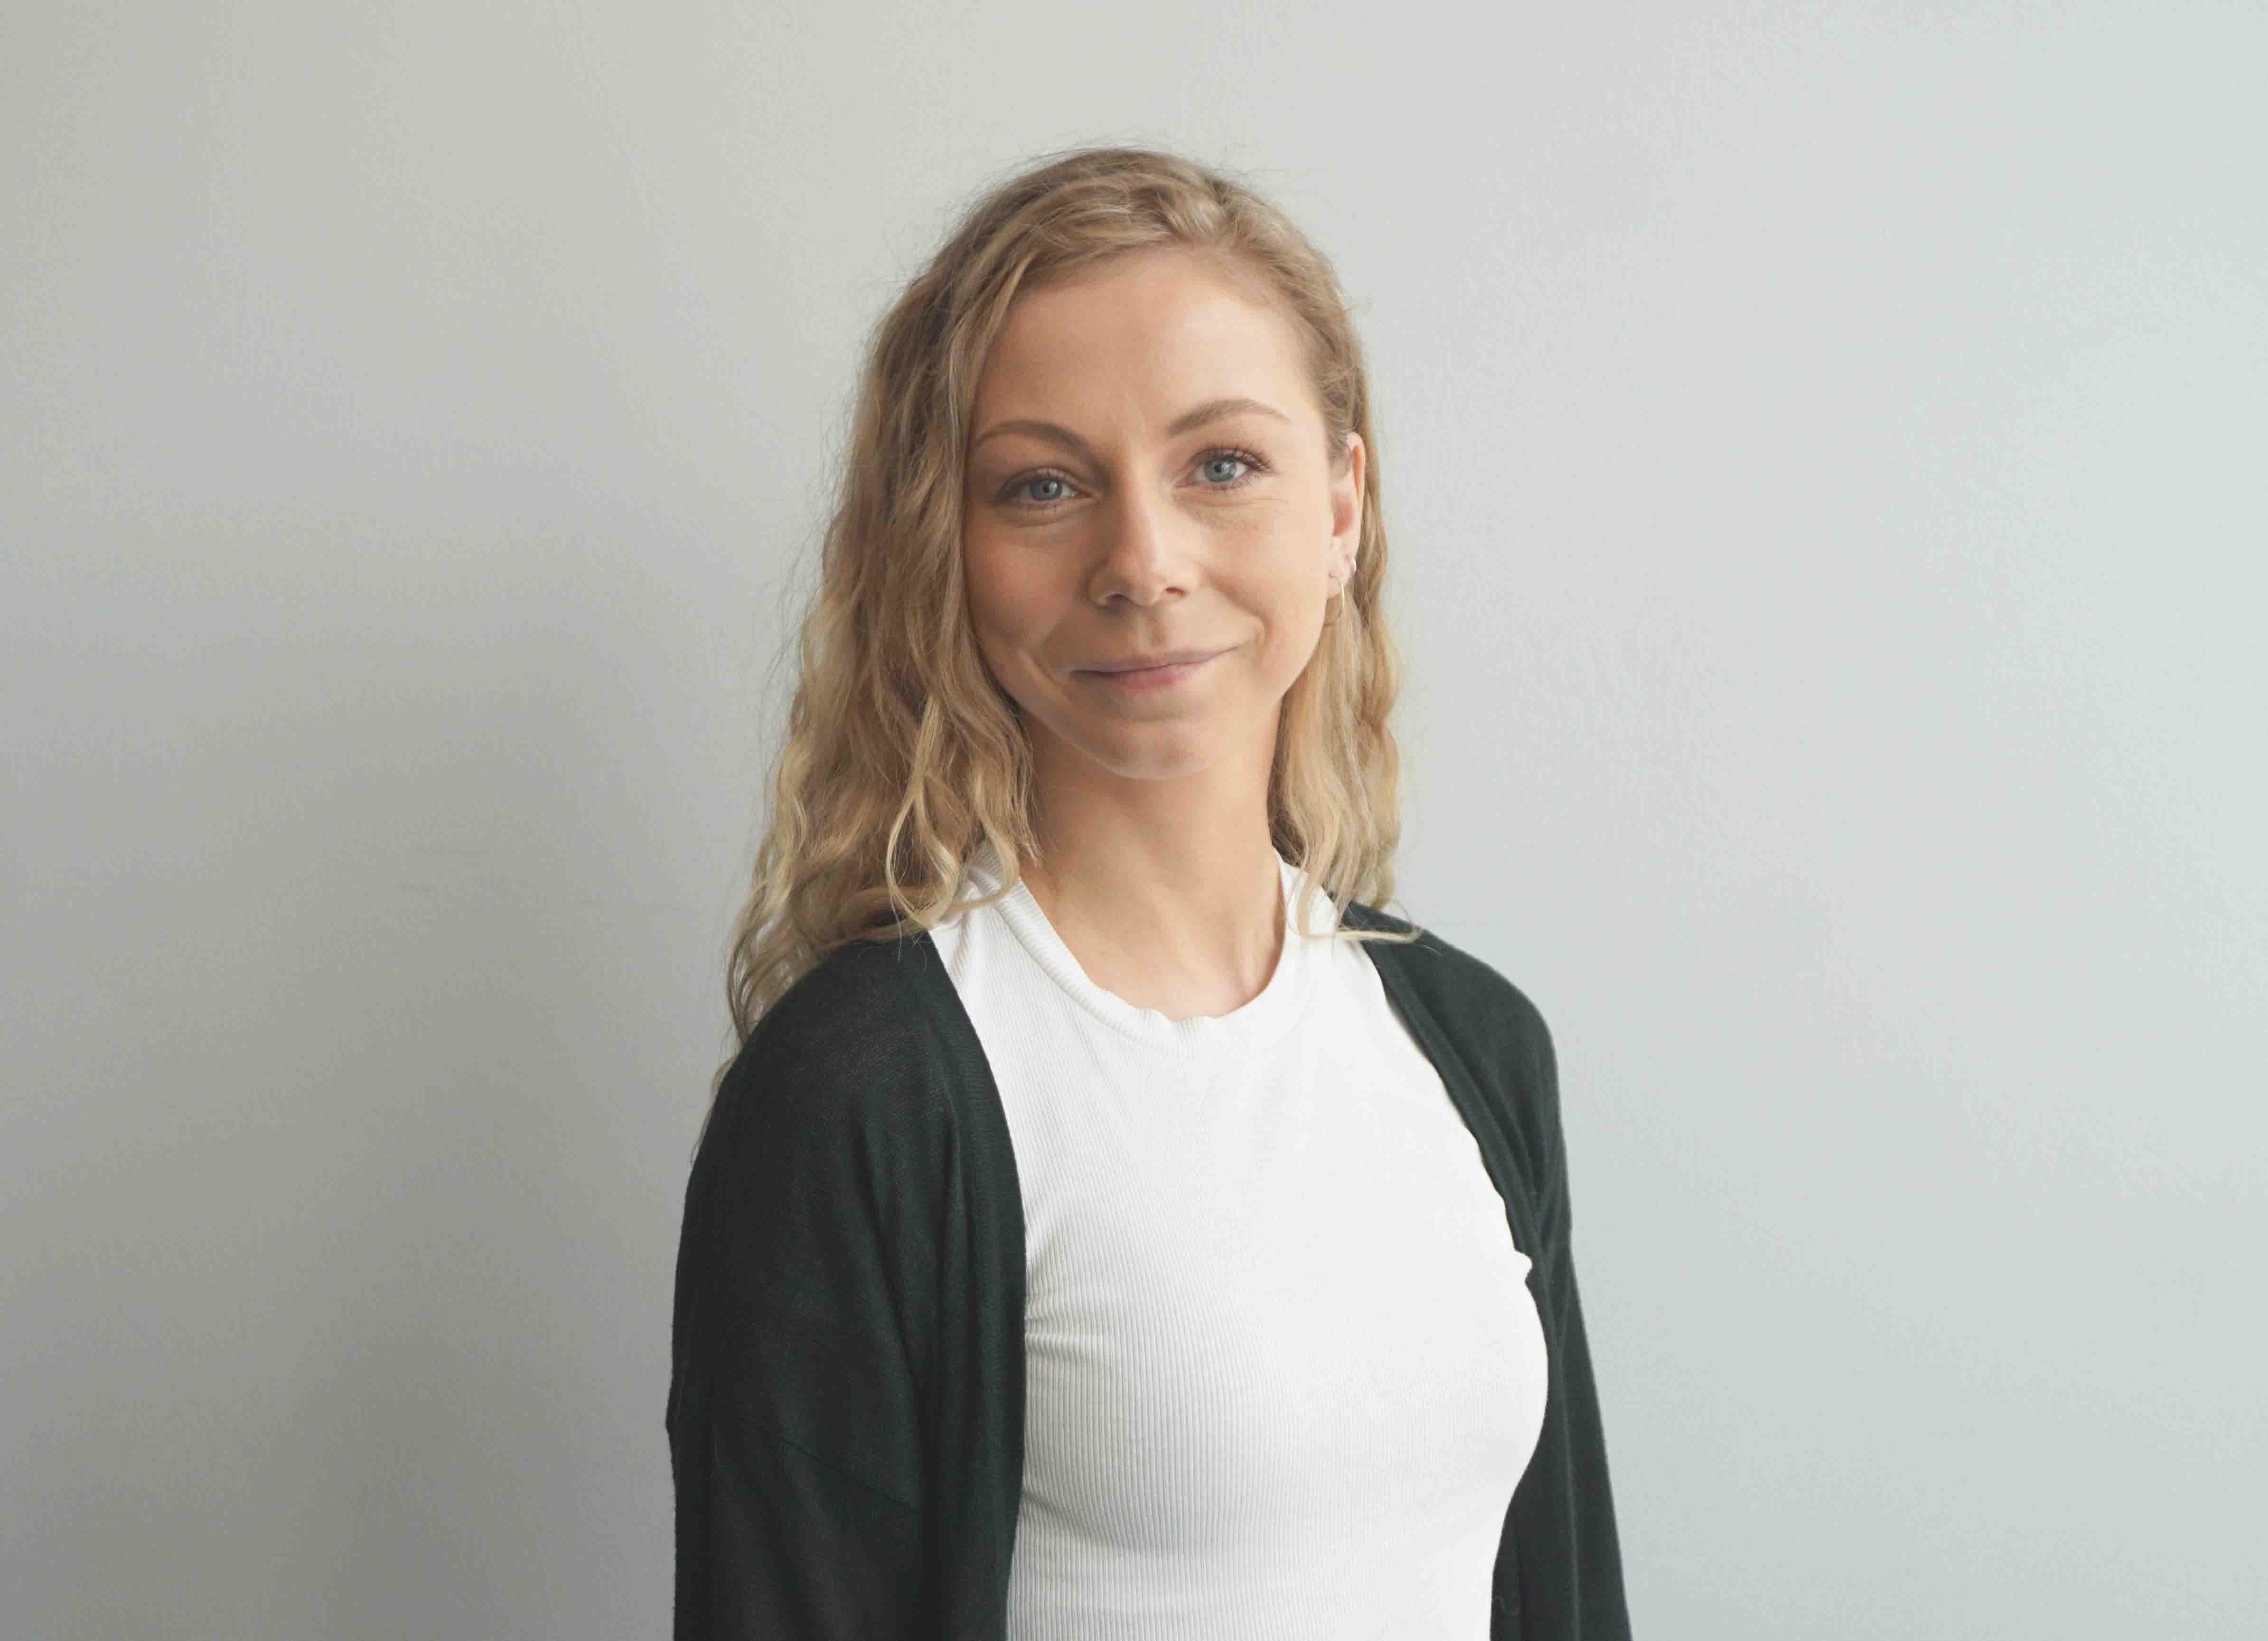 Kristina Eliasdóttir Mikkelsen : Logistics Apprentice